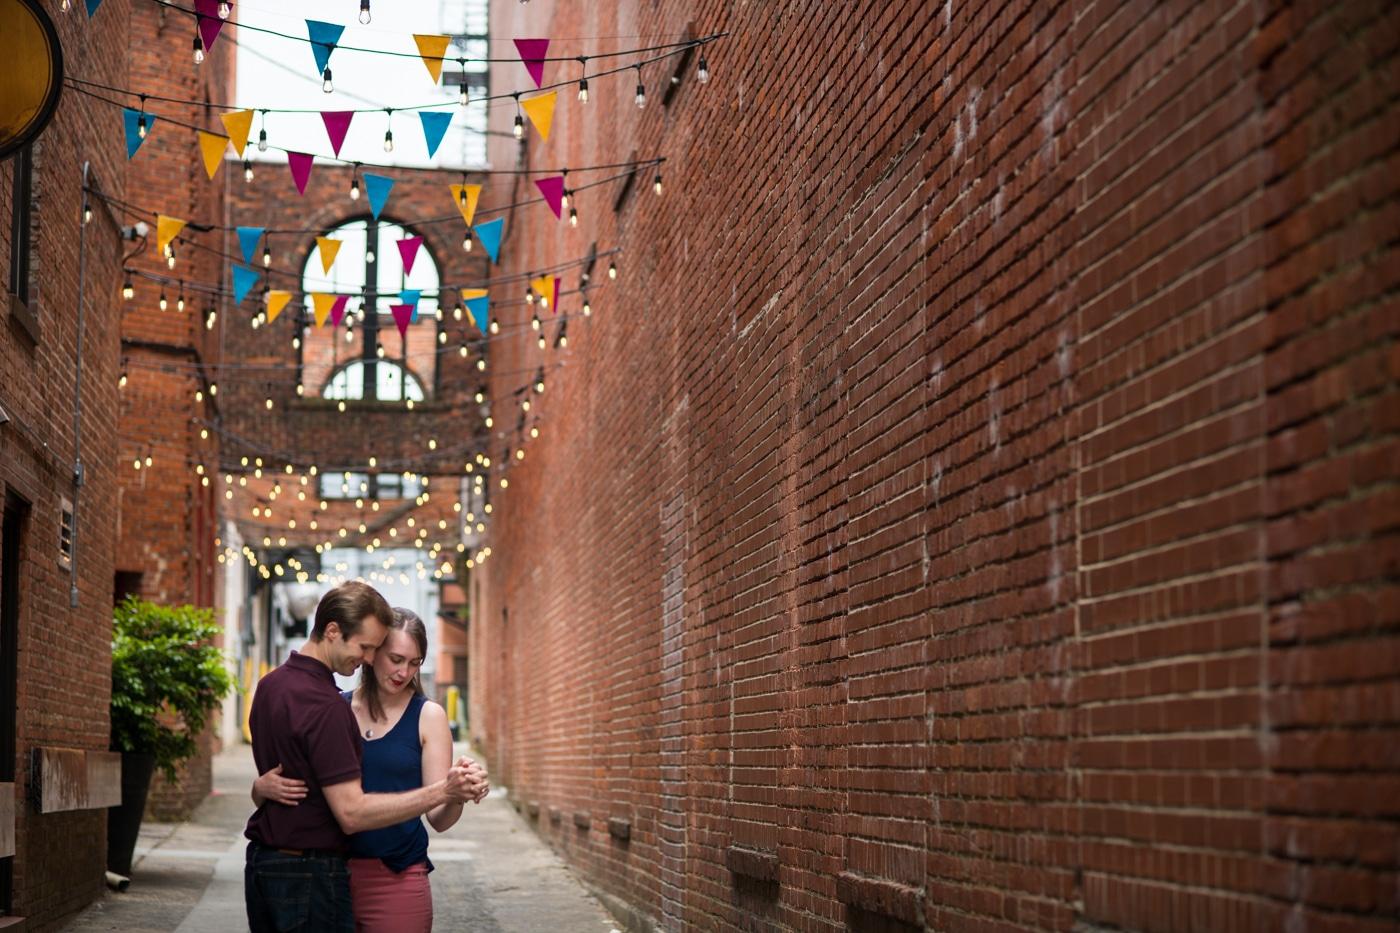 bride and groom hug in brick alleyway under colorful flags